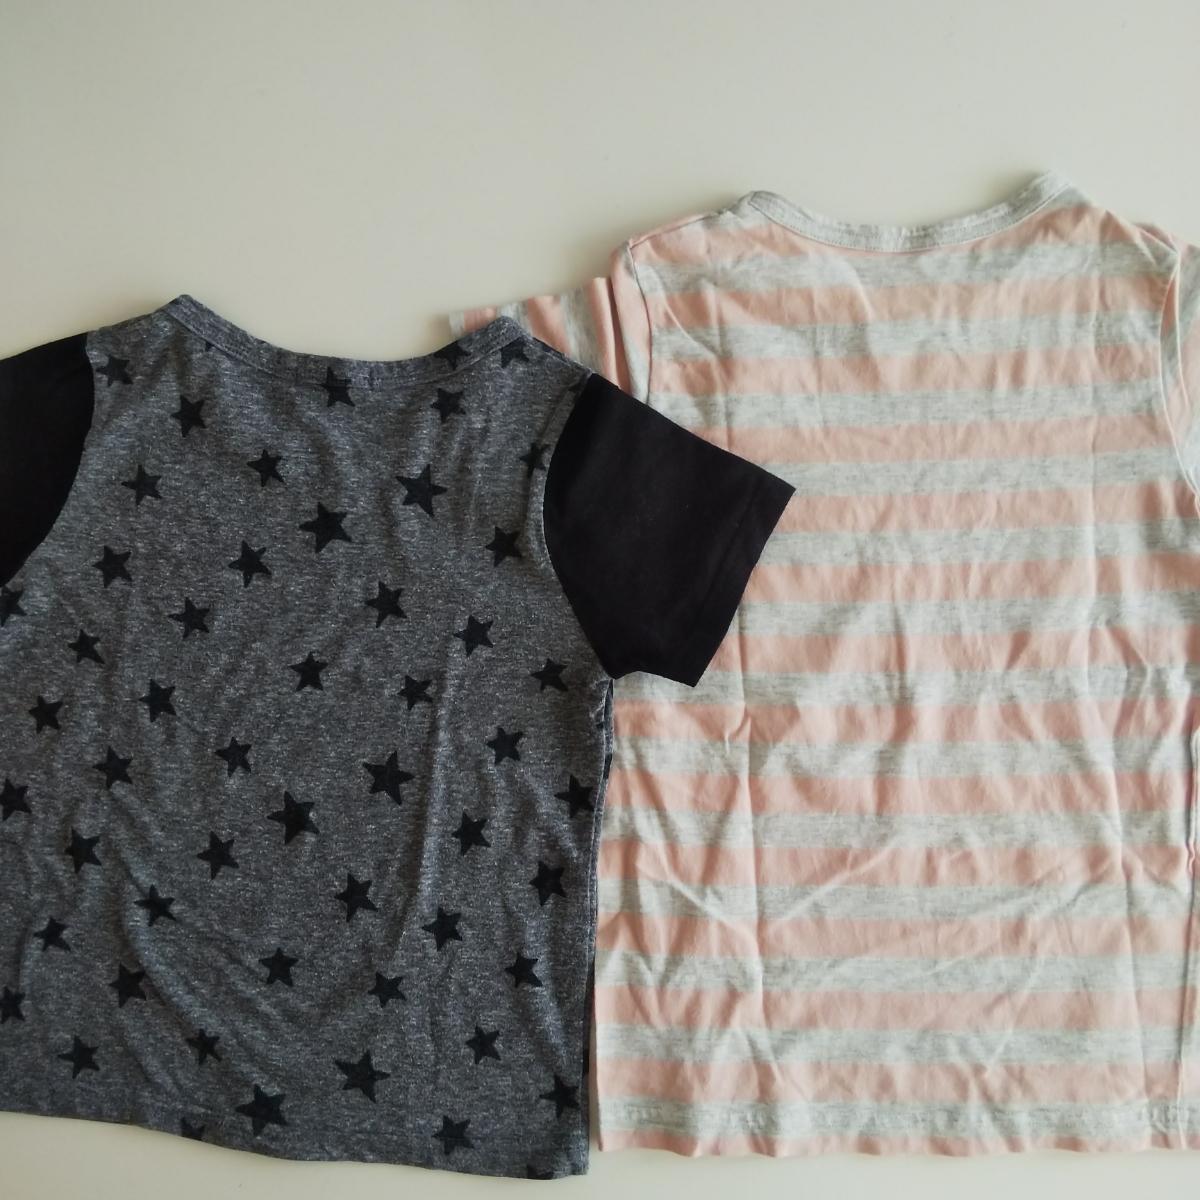 サイズ120 半袖 Tシャツ スカート 4点セット まとめて キッズ 女の子 無印_画像4